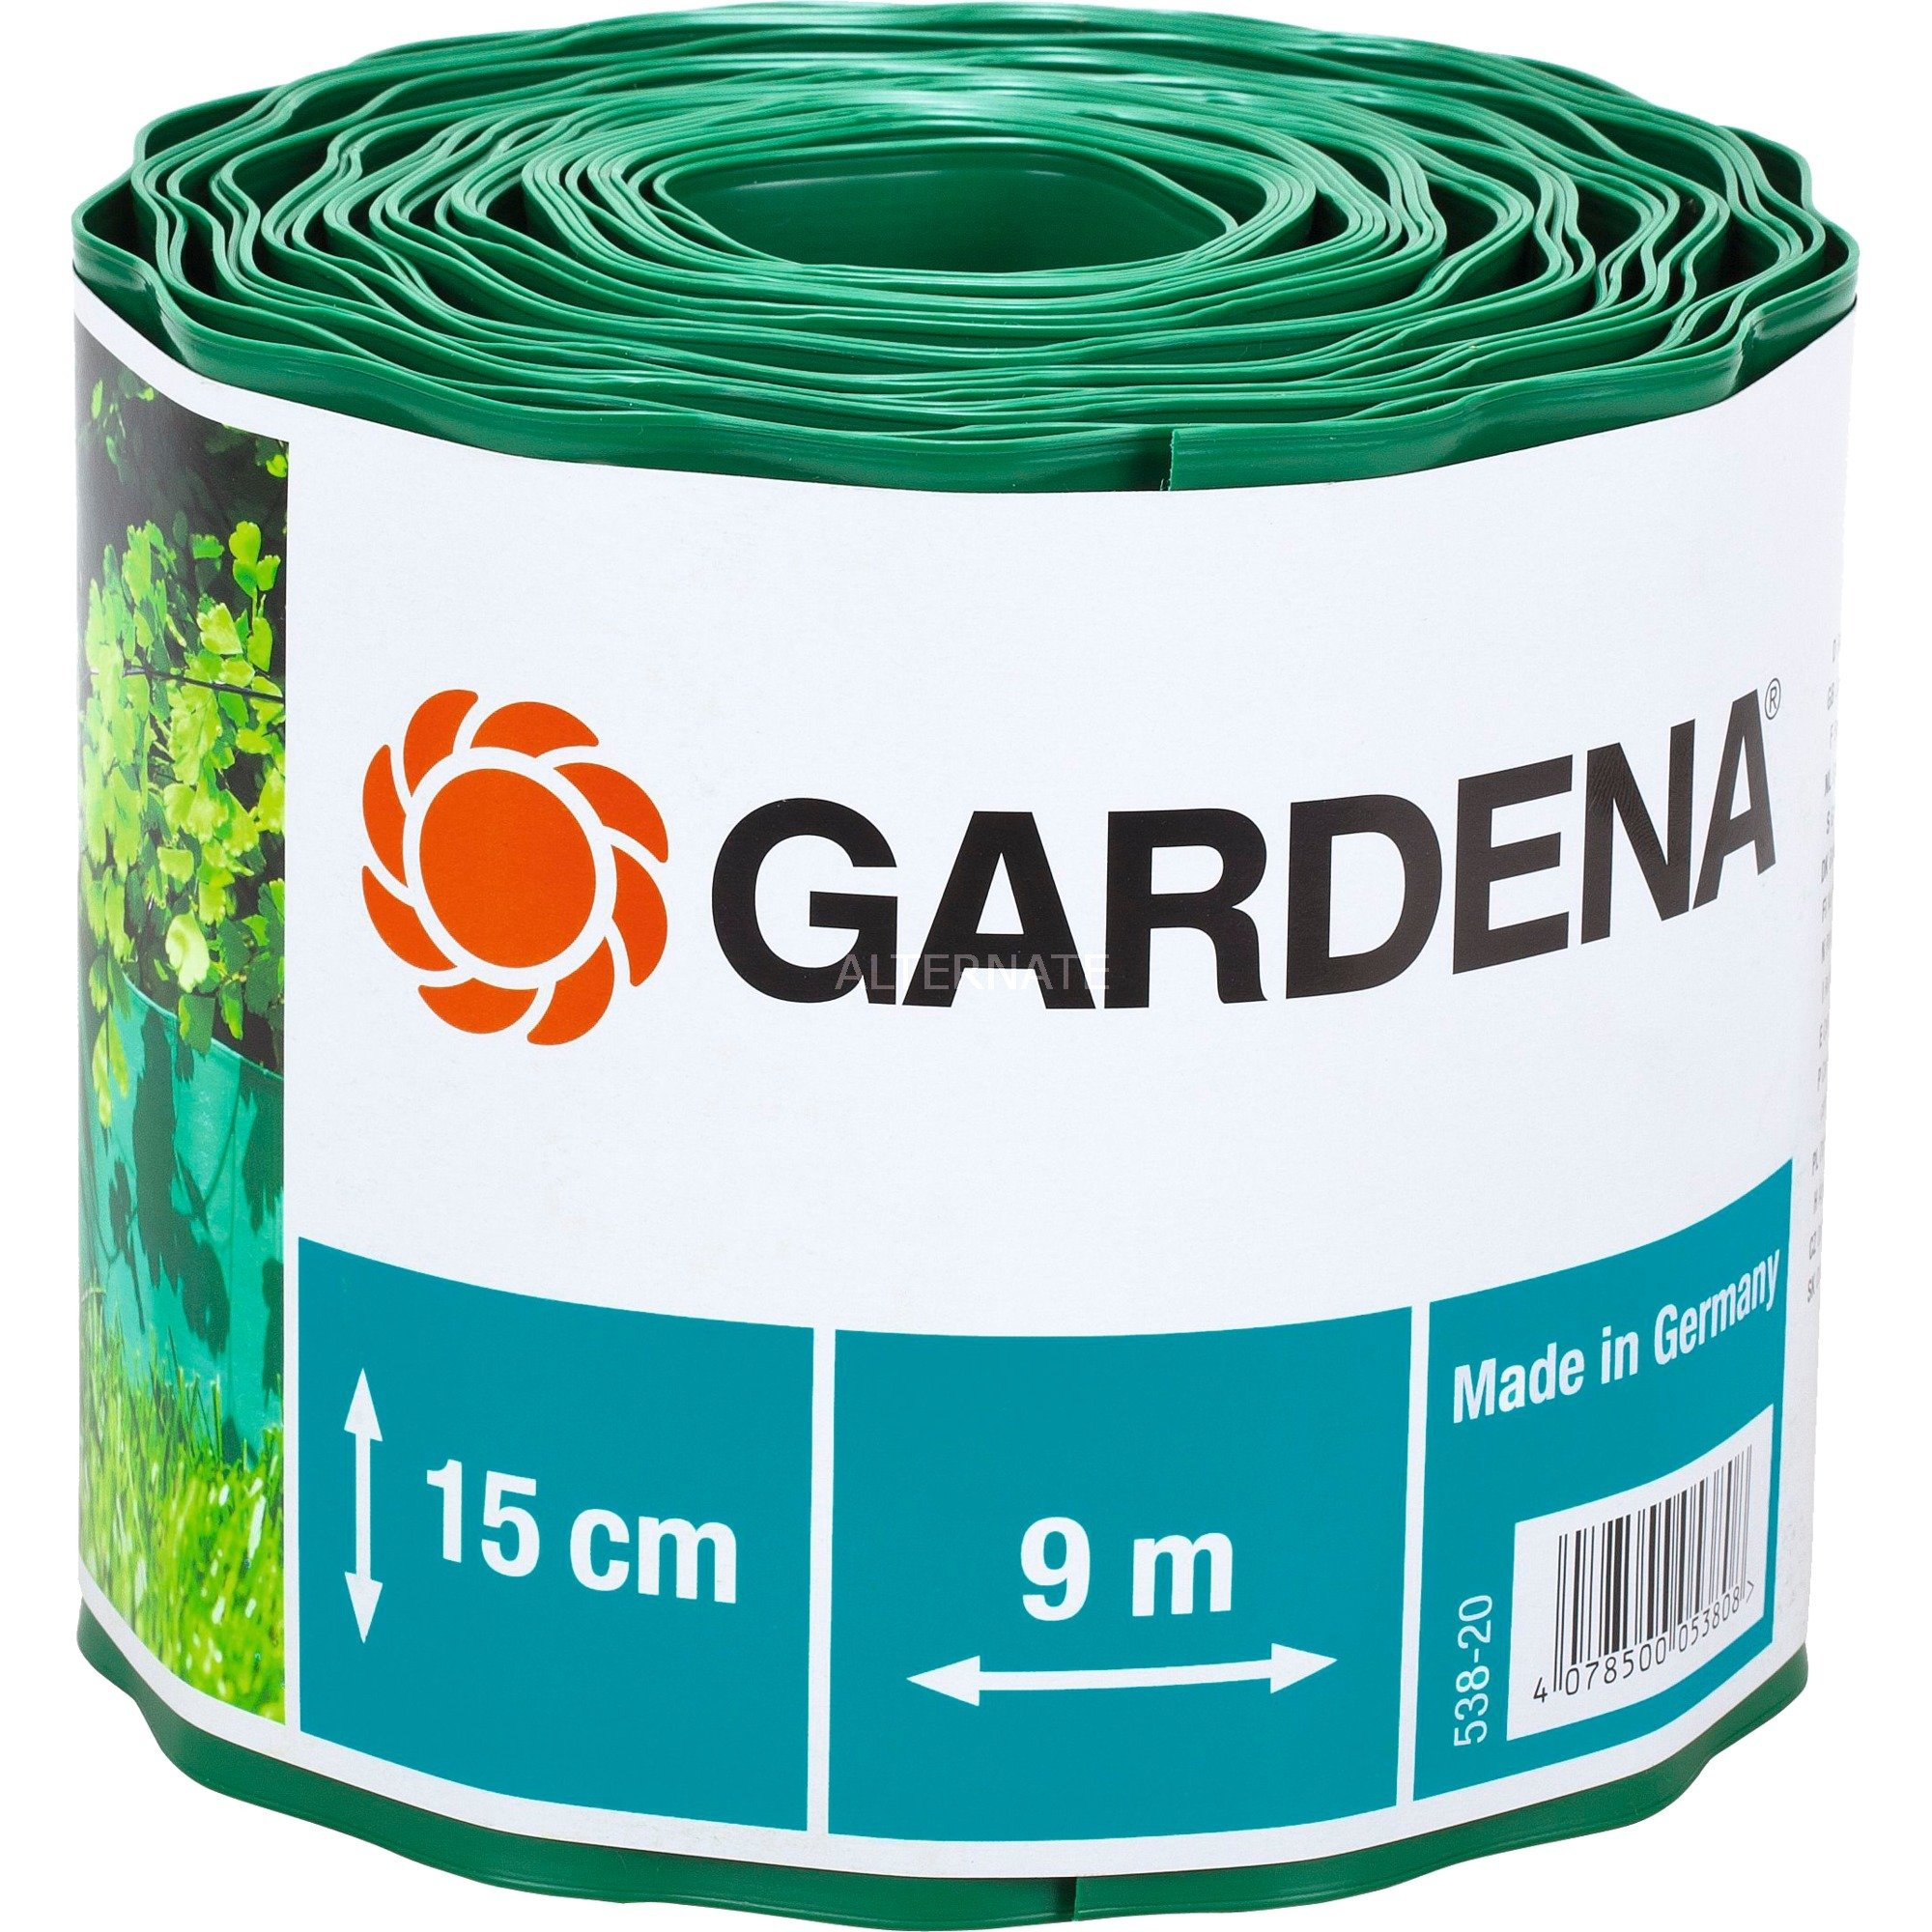 538 20 Bordure De Jardin Rouleau De Bordure De Jardin Plastique Vert Barrière Vert Rouleau De Bordure De Jardin Plastique Vert 150 Mm 9 M 1